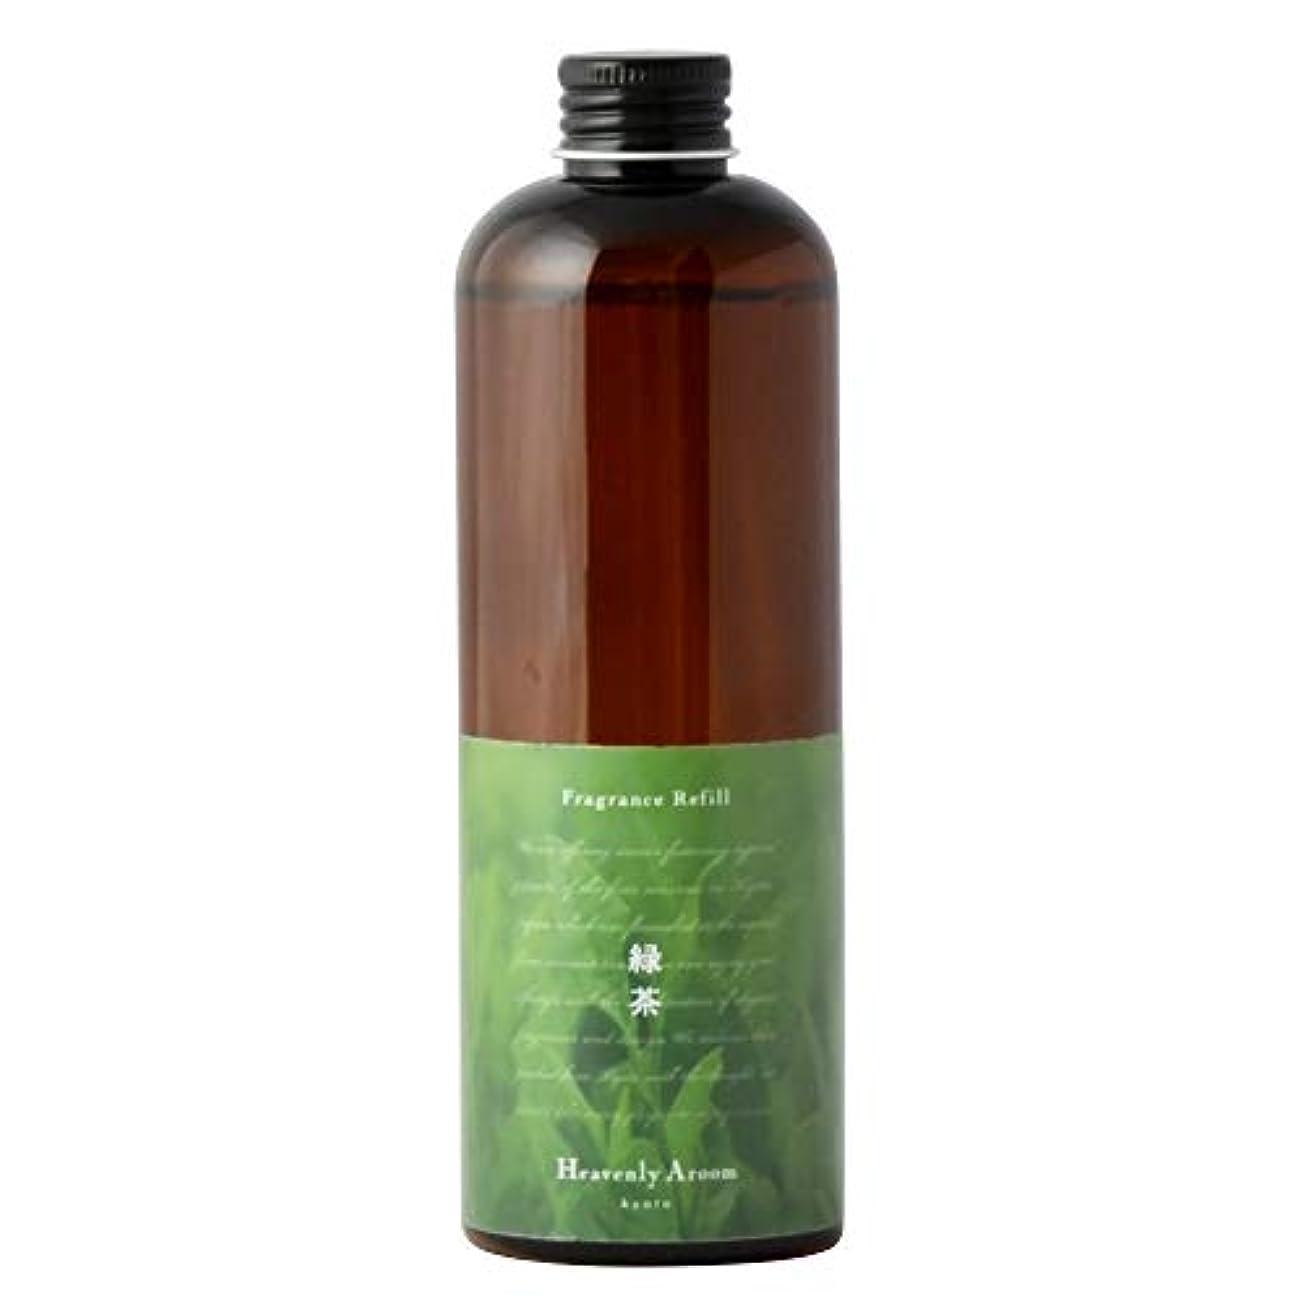 シーボードサルベージふさわしいHeavenly Aroomフレグランスリフィル 緑茶 300ml